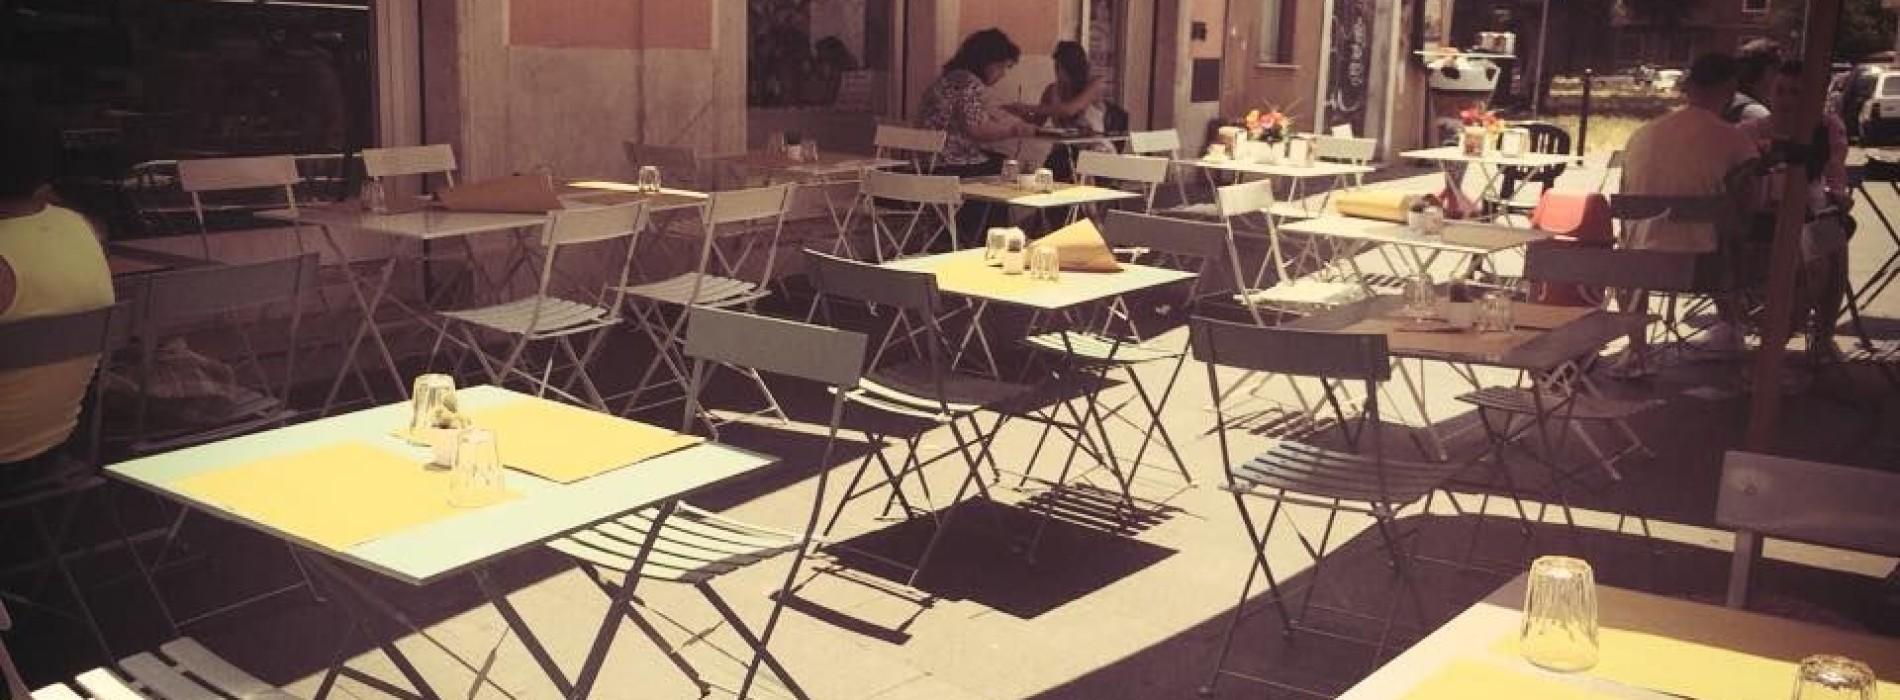 Mangiare all 39 aperto a roma a garbatella for Cucine all aperto